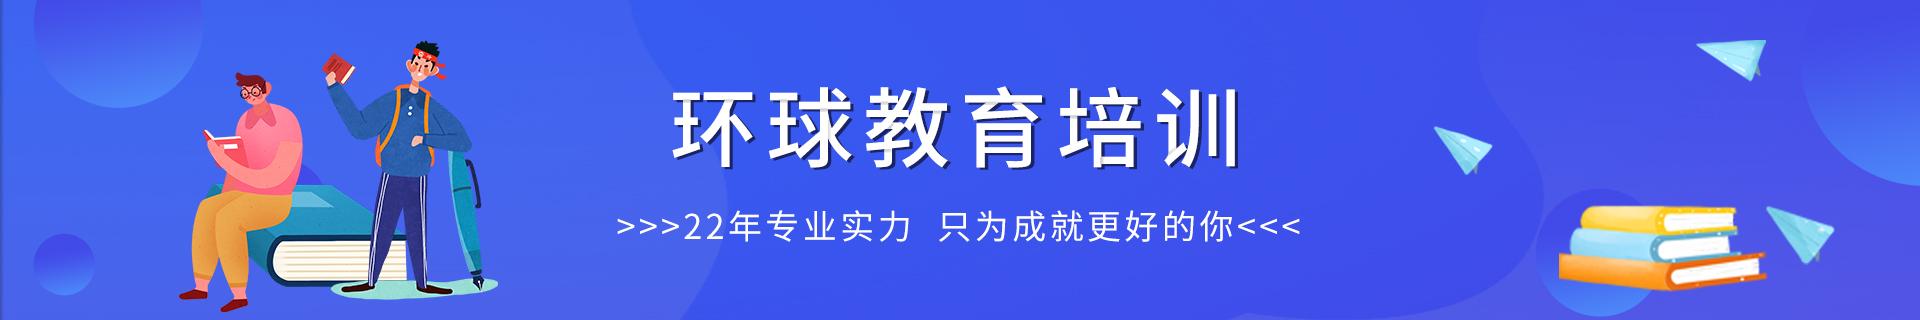 福州福清环球教育